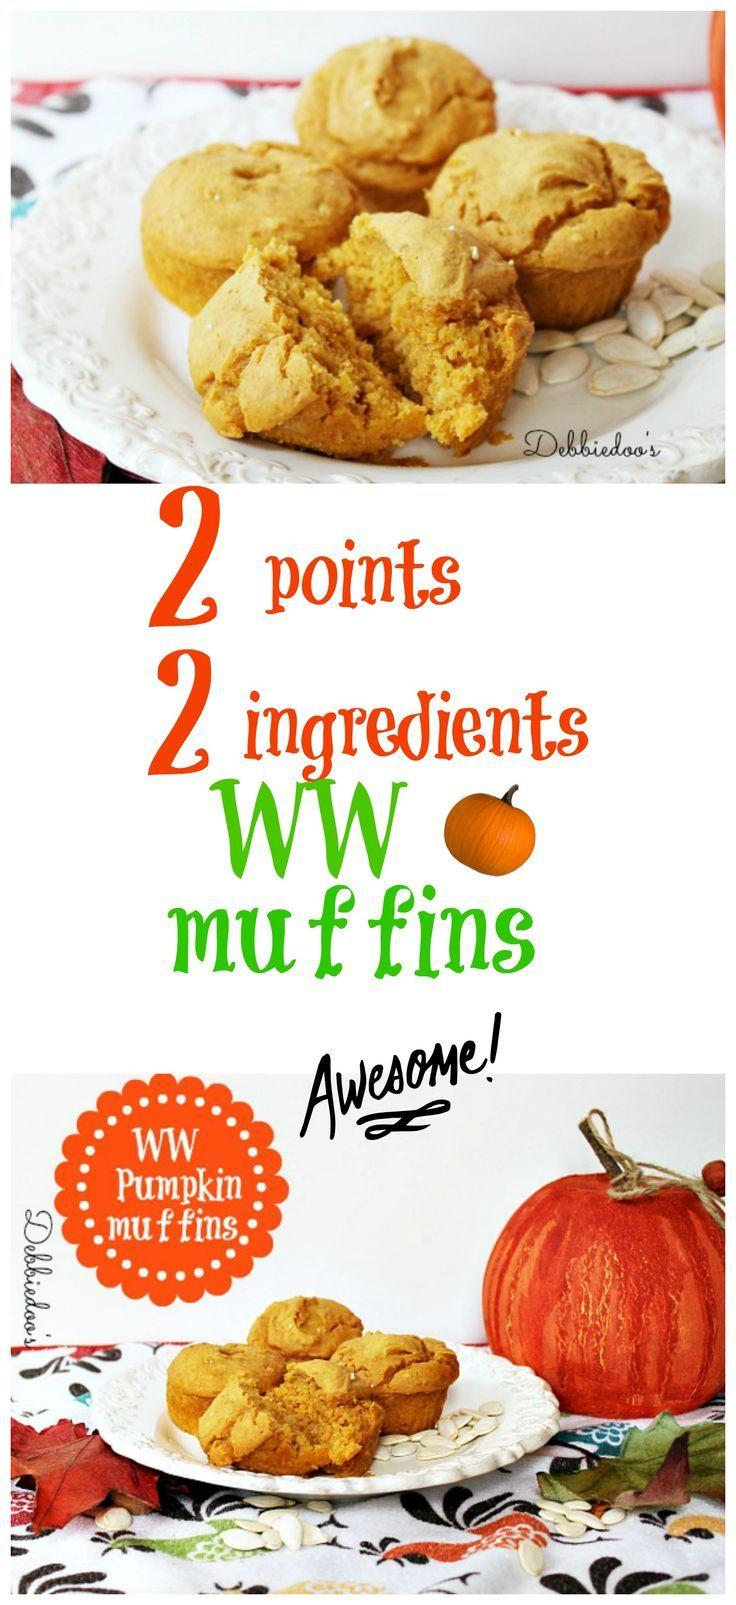 Cake mix plus pumpkin recipe